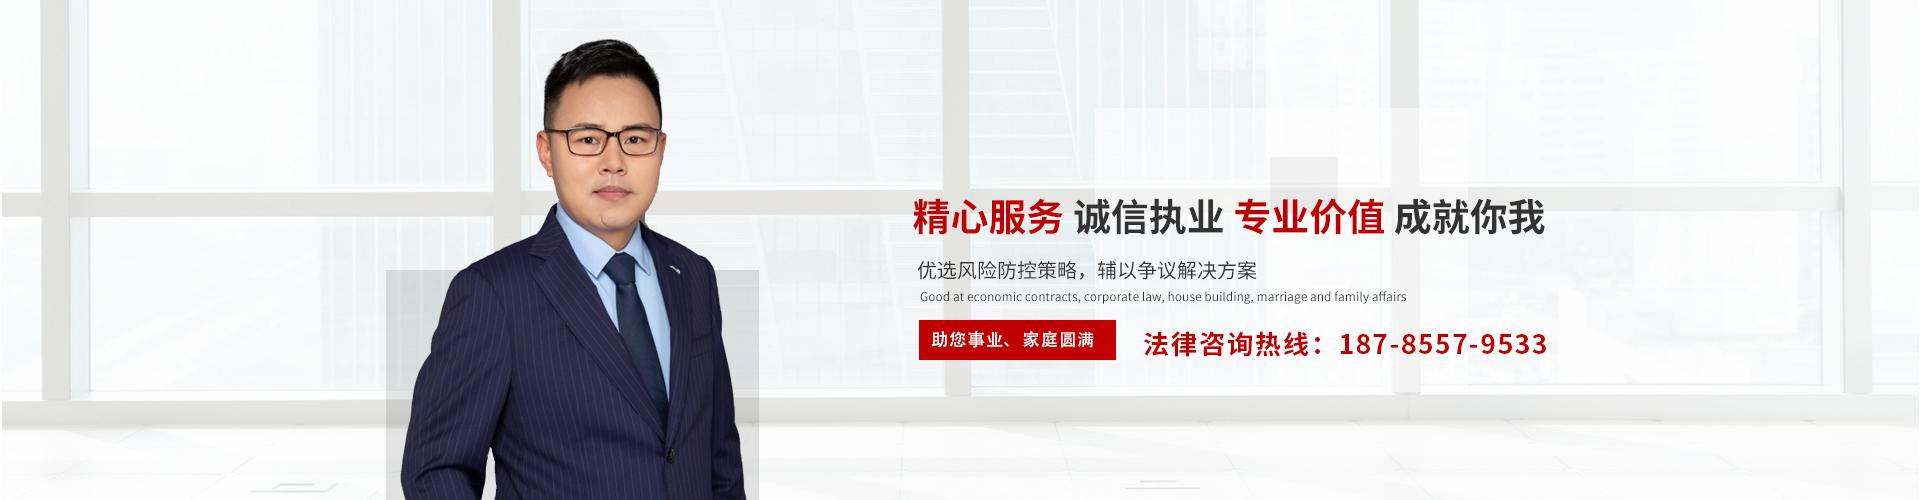 贵州 谭坤